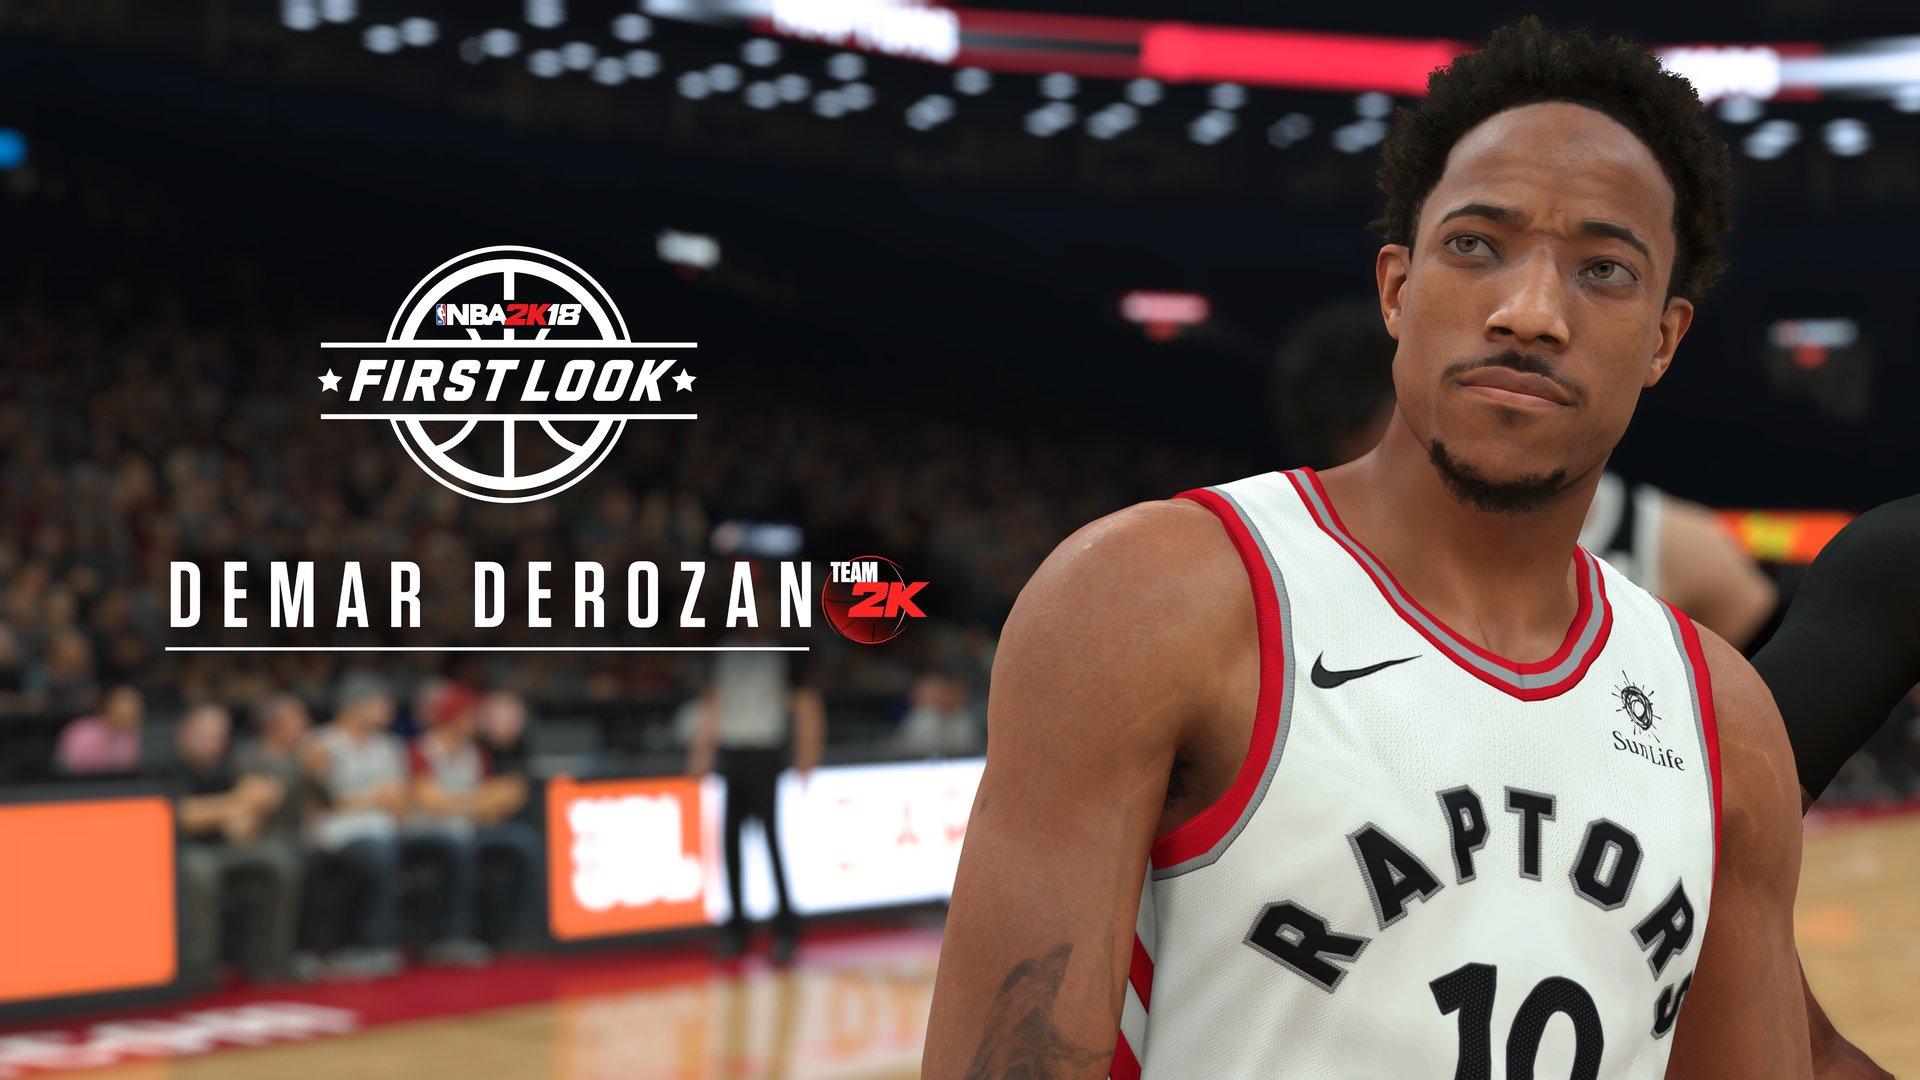 První screenshoty z NBA 2K18 147598